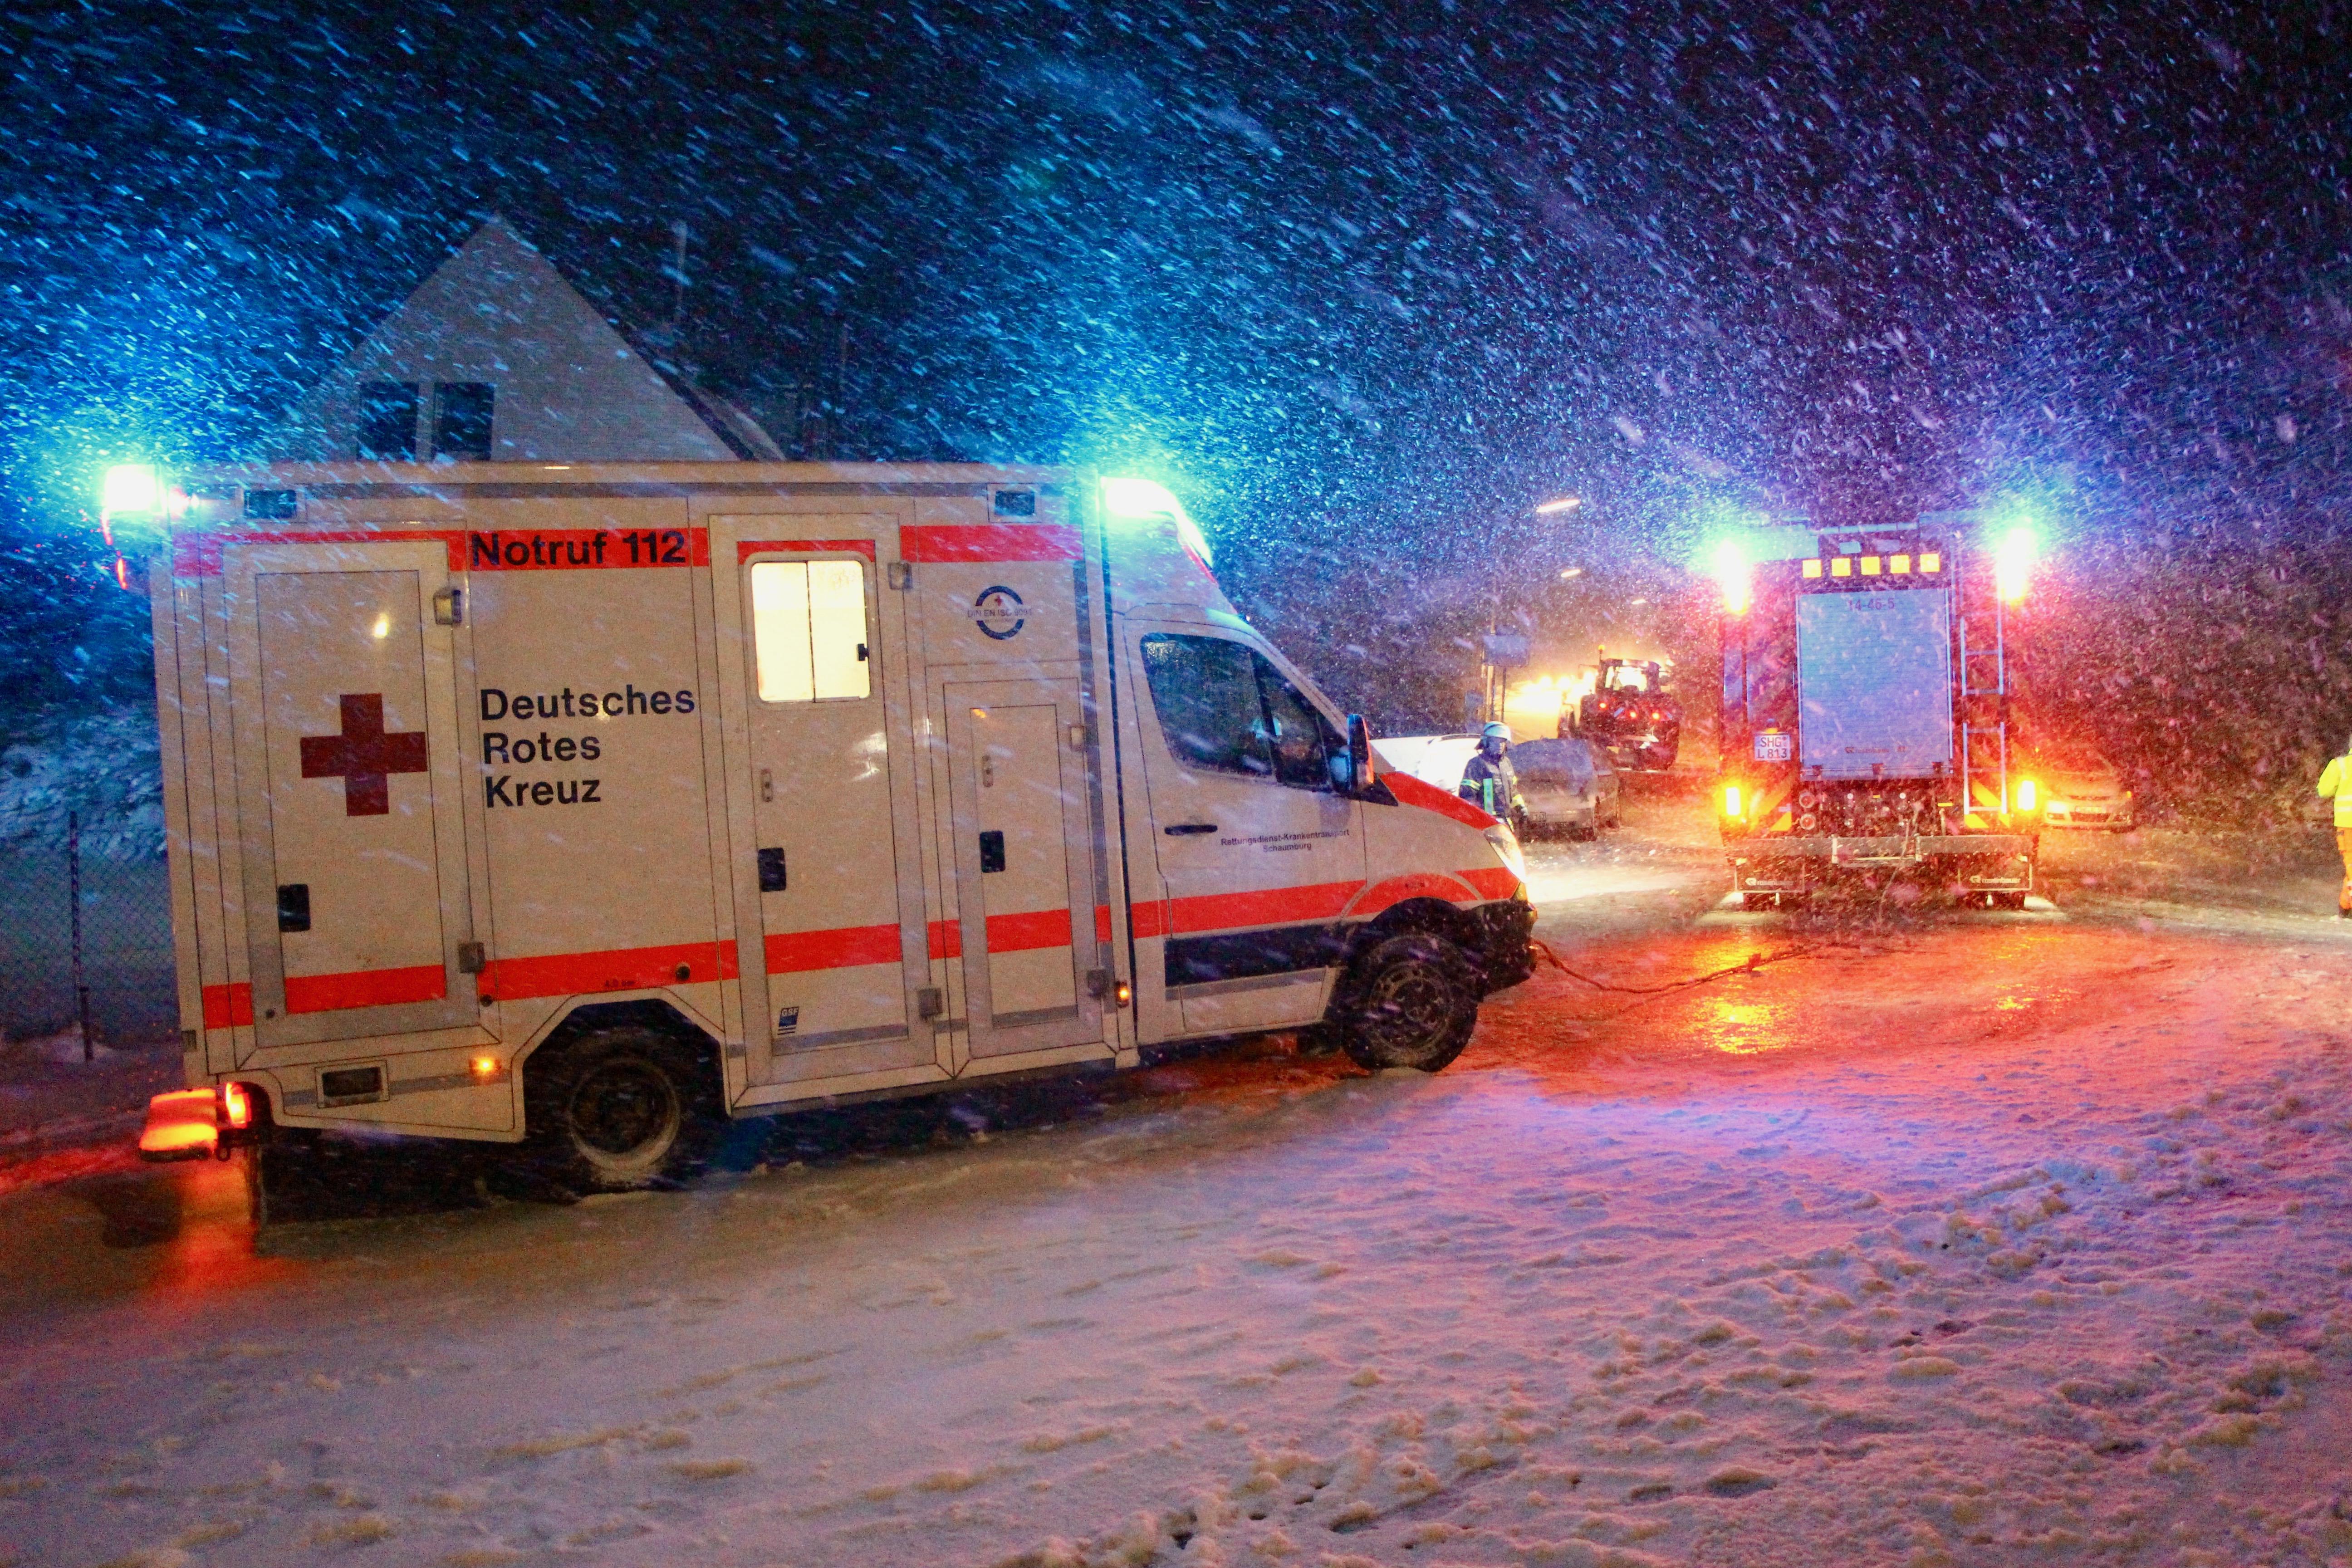 Rettungswagen in Not